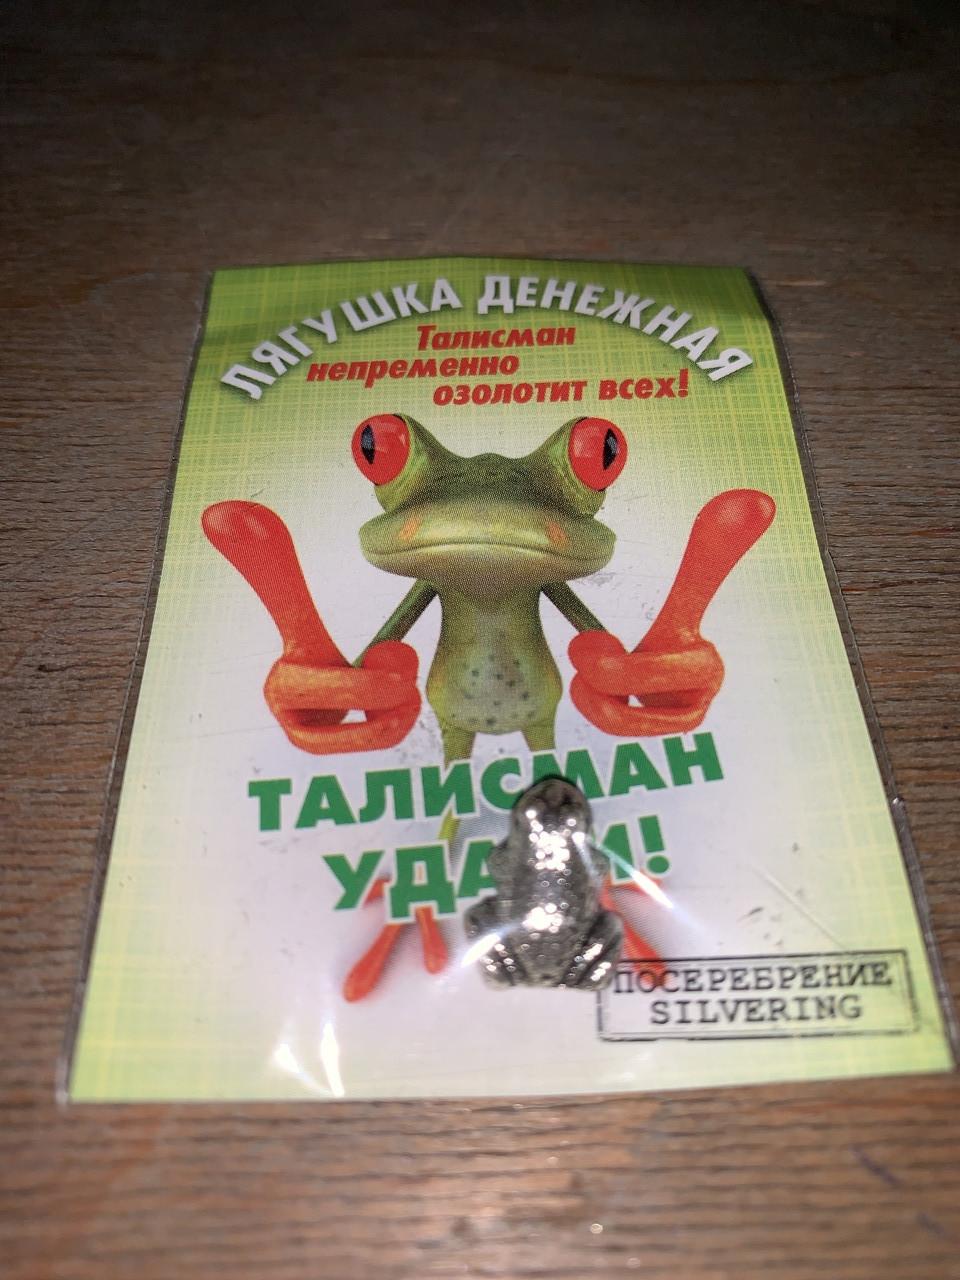 Жаба для гаманця